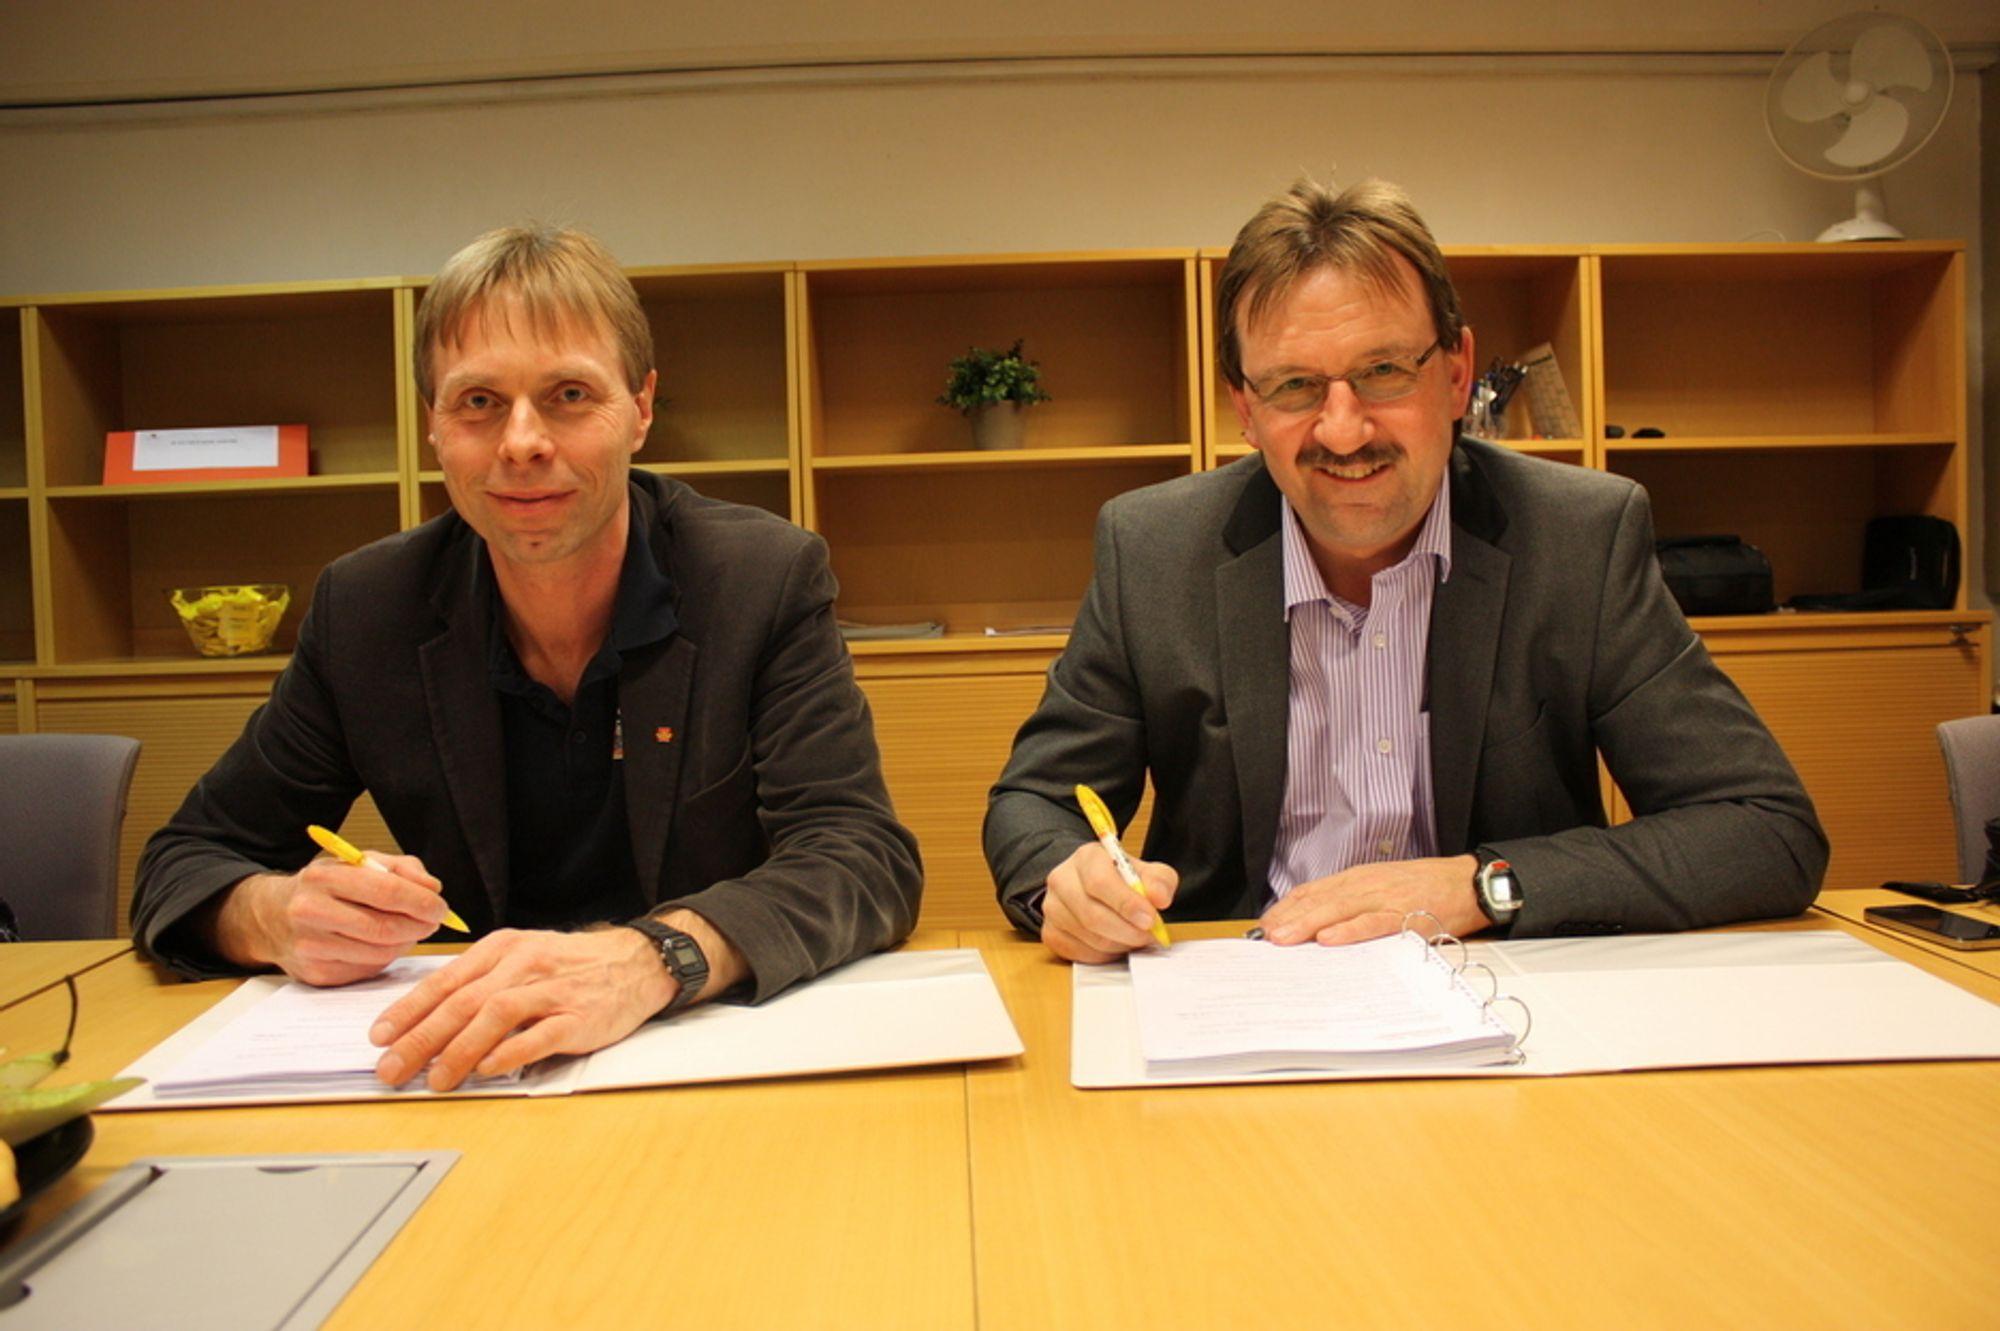 Fra kontraktsigneringen med prosjektleder Harald Inge Johnsen i Statens vegvesen og og Thorbjørn Eng, administrerende direktør for Peabs anleggsvirksomhet i Norge.